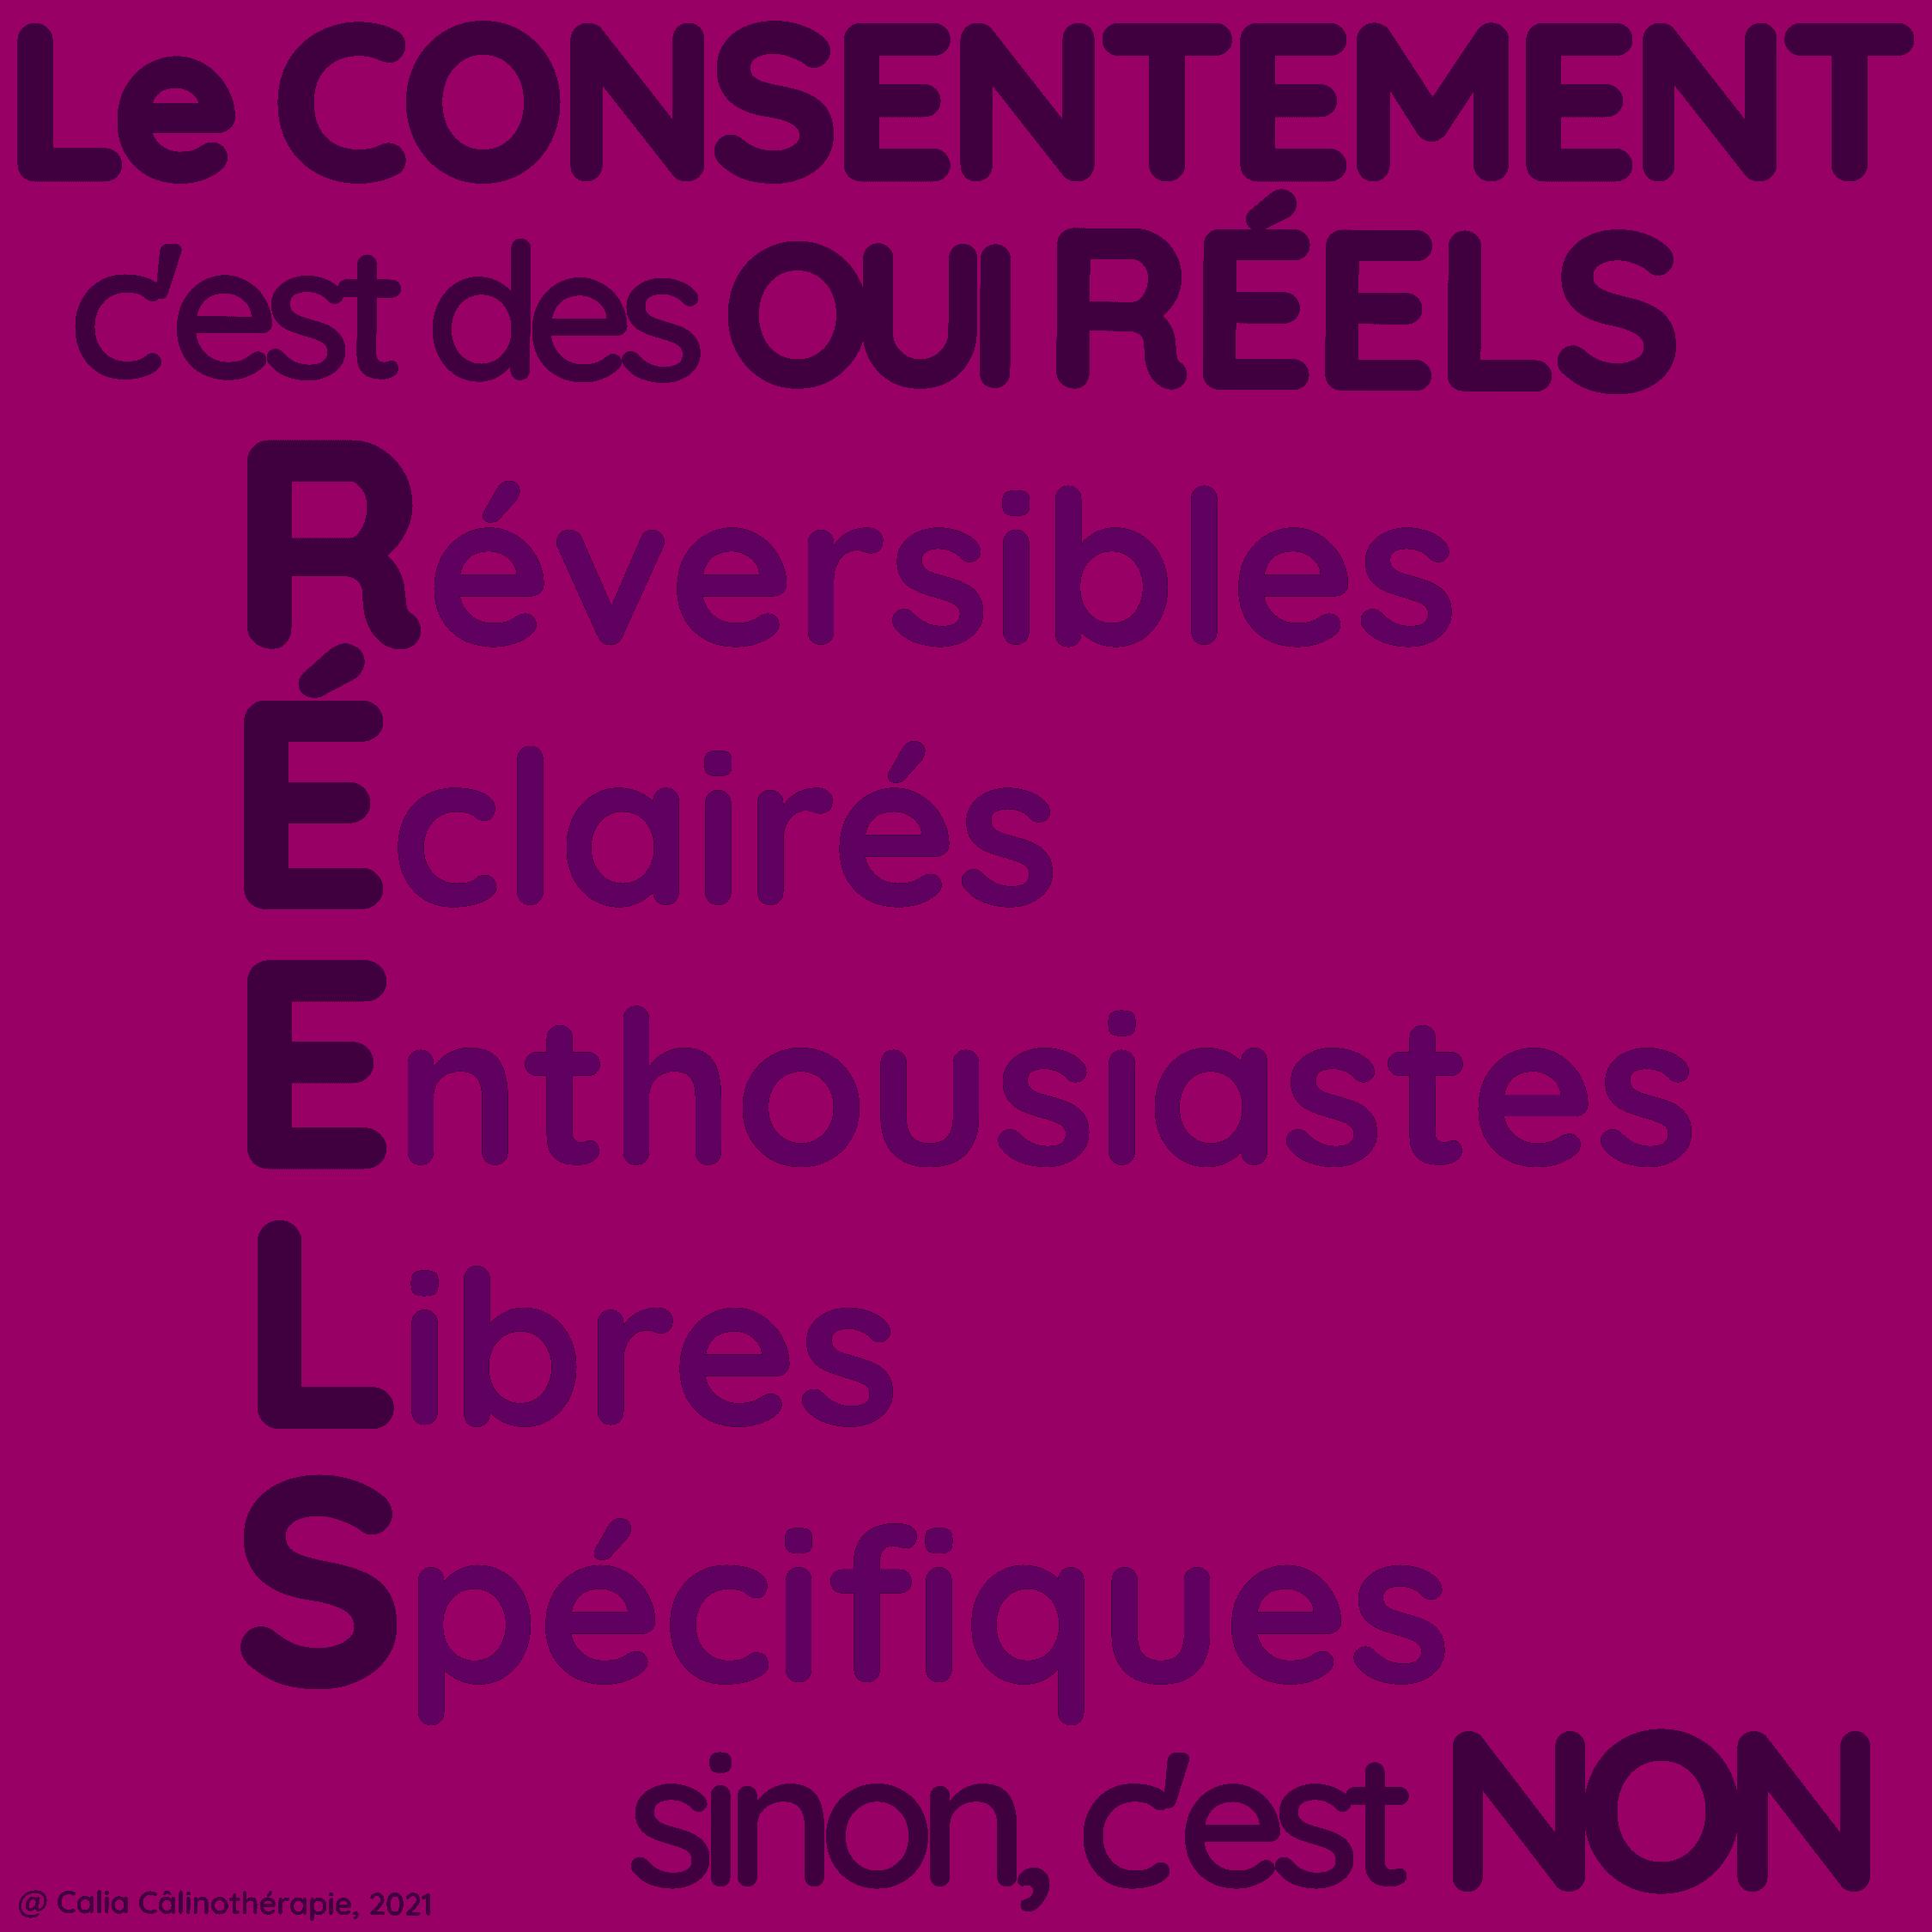 Le consentement c'est des OUI RÉELS (Réversibles, Éclairés, Enthousiates, Libres, Spécifiques) sinon, c'est NON